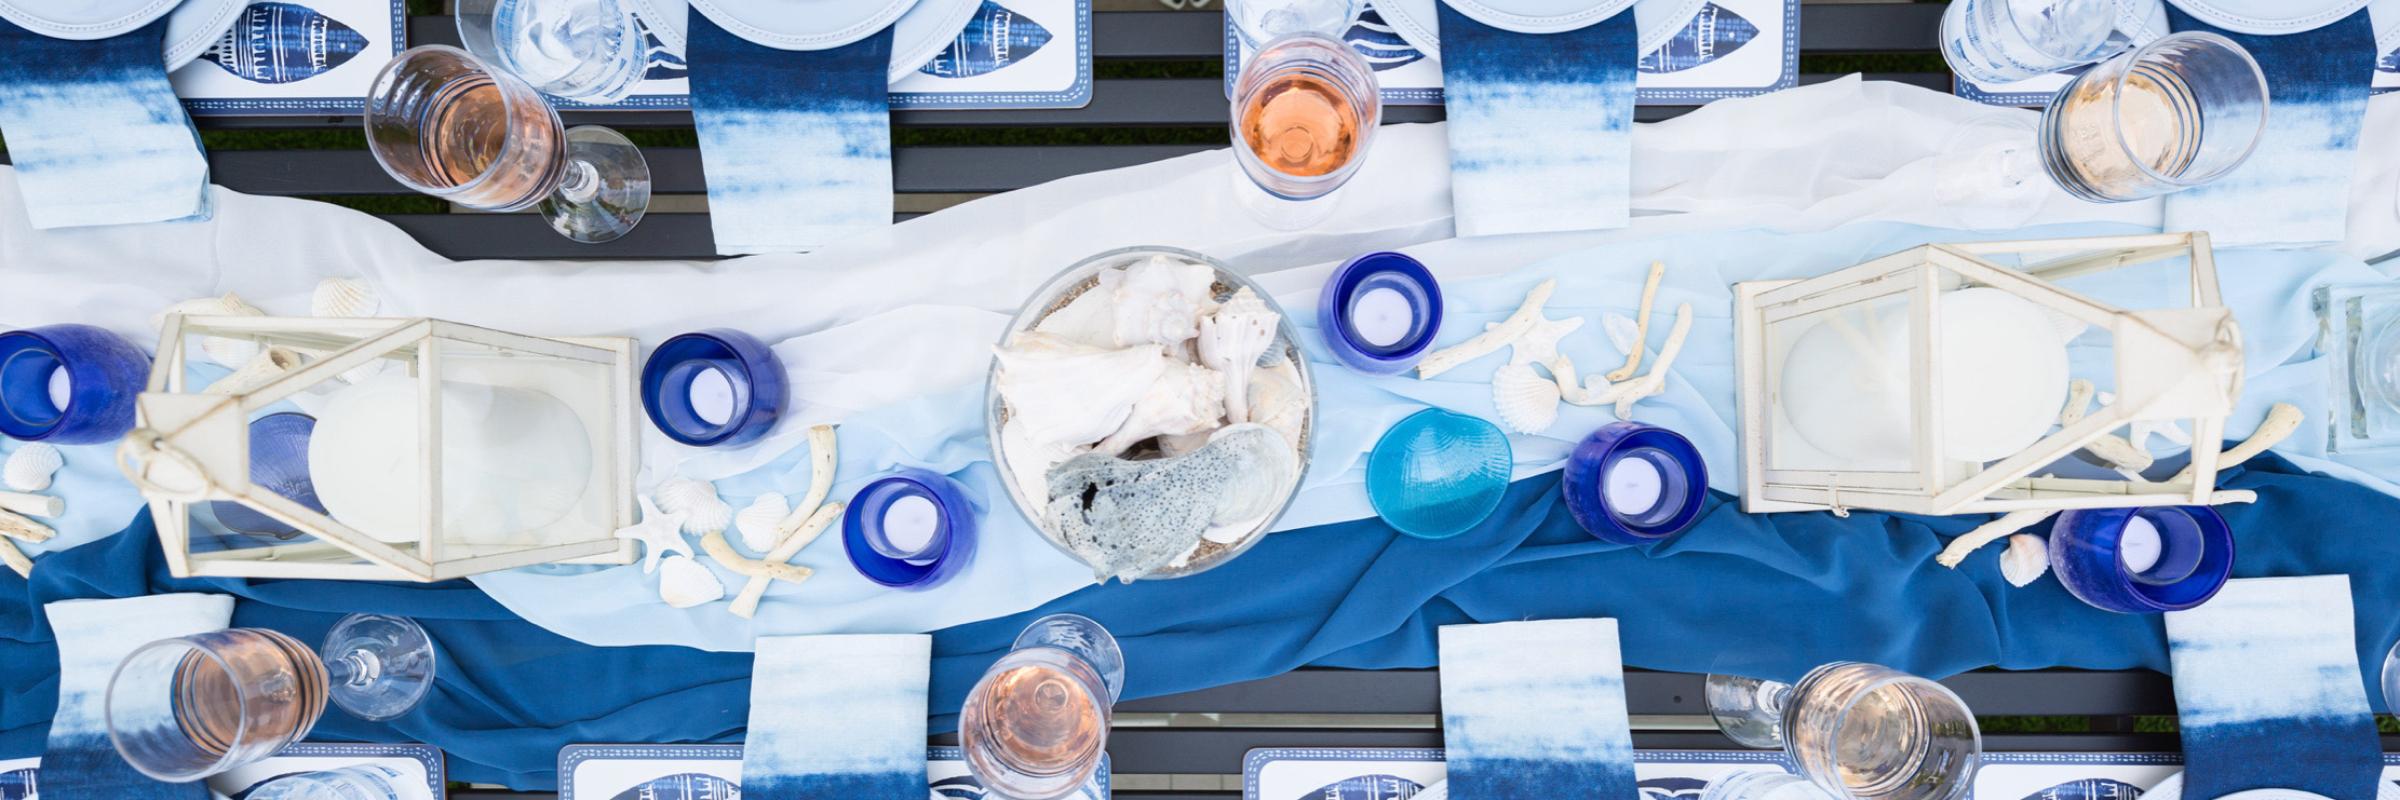 Ocean-Inspired Dinner Party-30